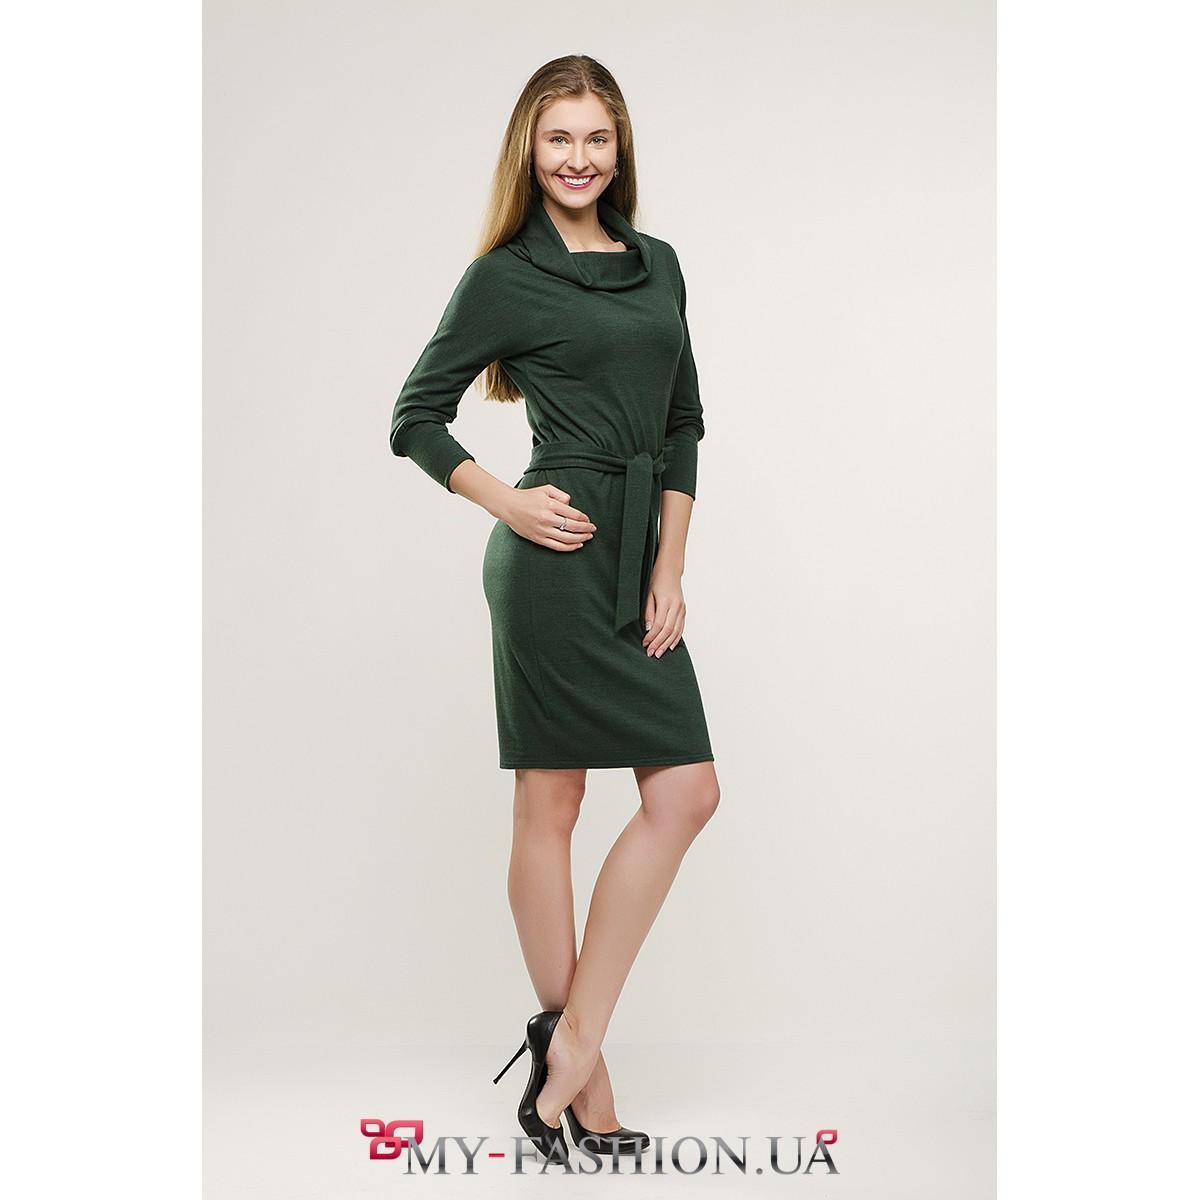 Зеленое платье миди купить